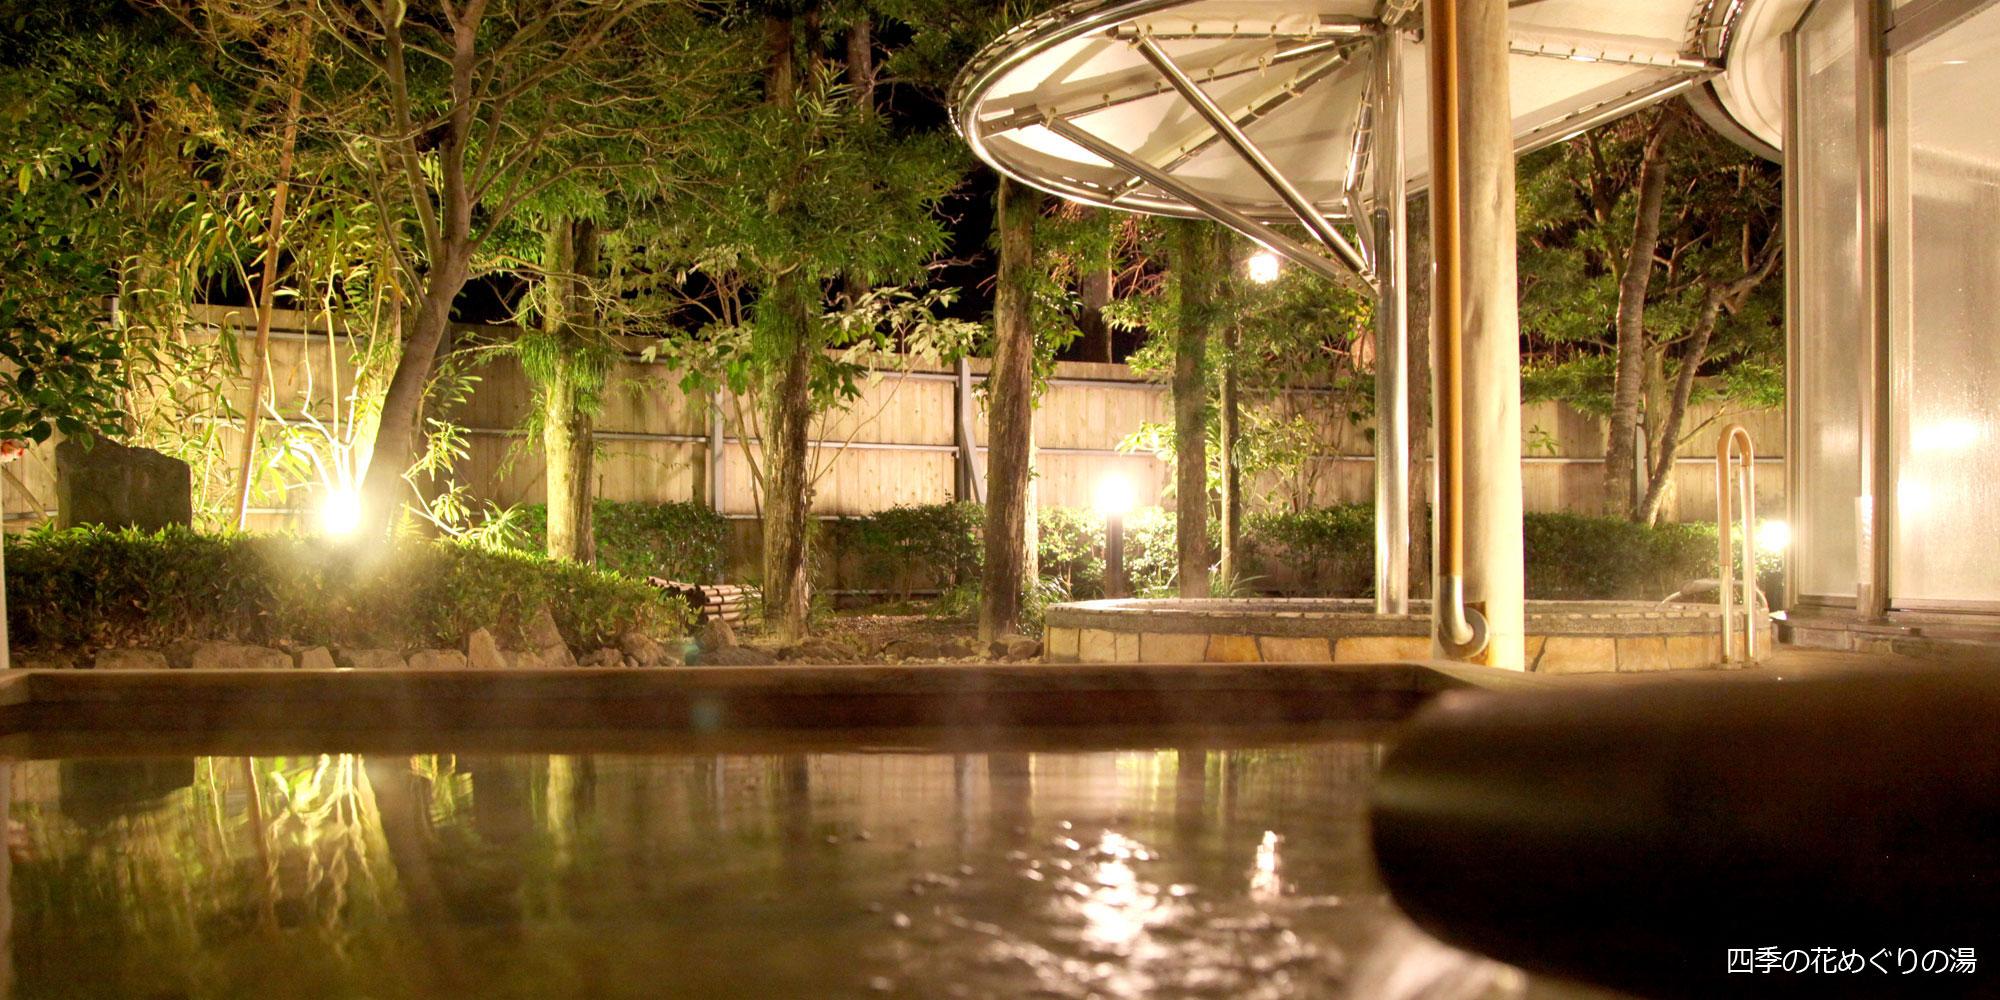 四季の花めぐりの湯 - 山口県 萩市|世界遺産[萩城下町]唯一の旅館 萩城三の丸 北門屋敷